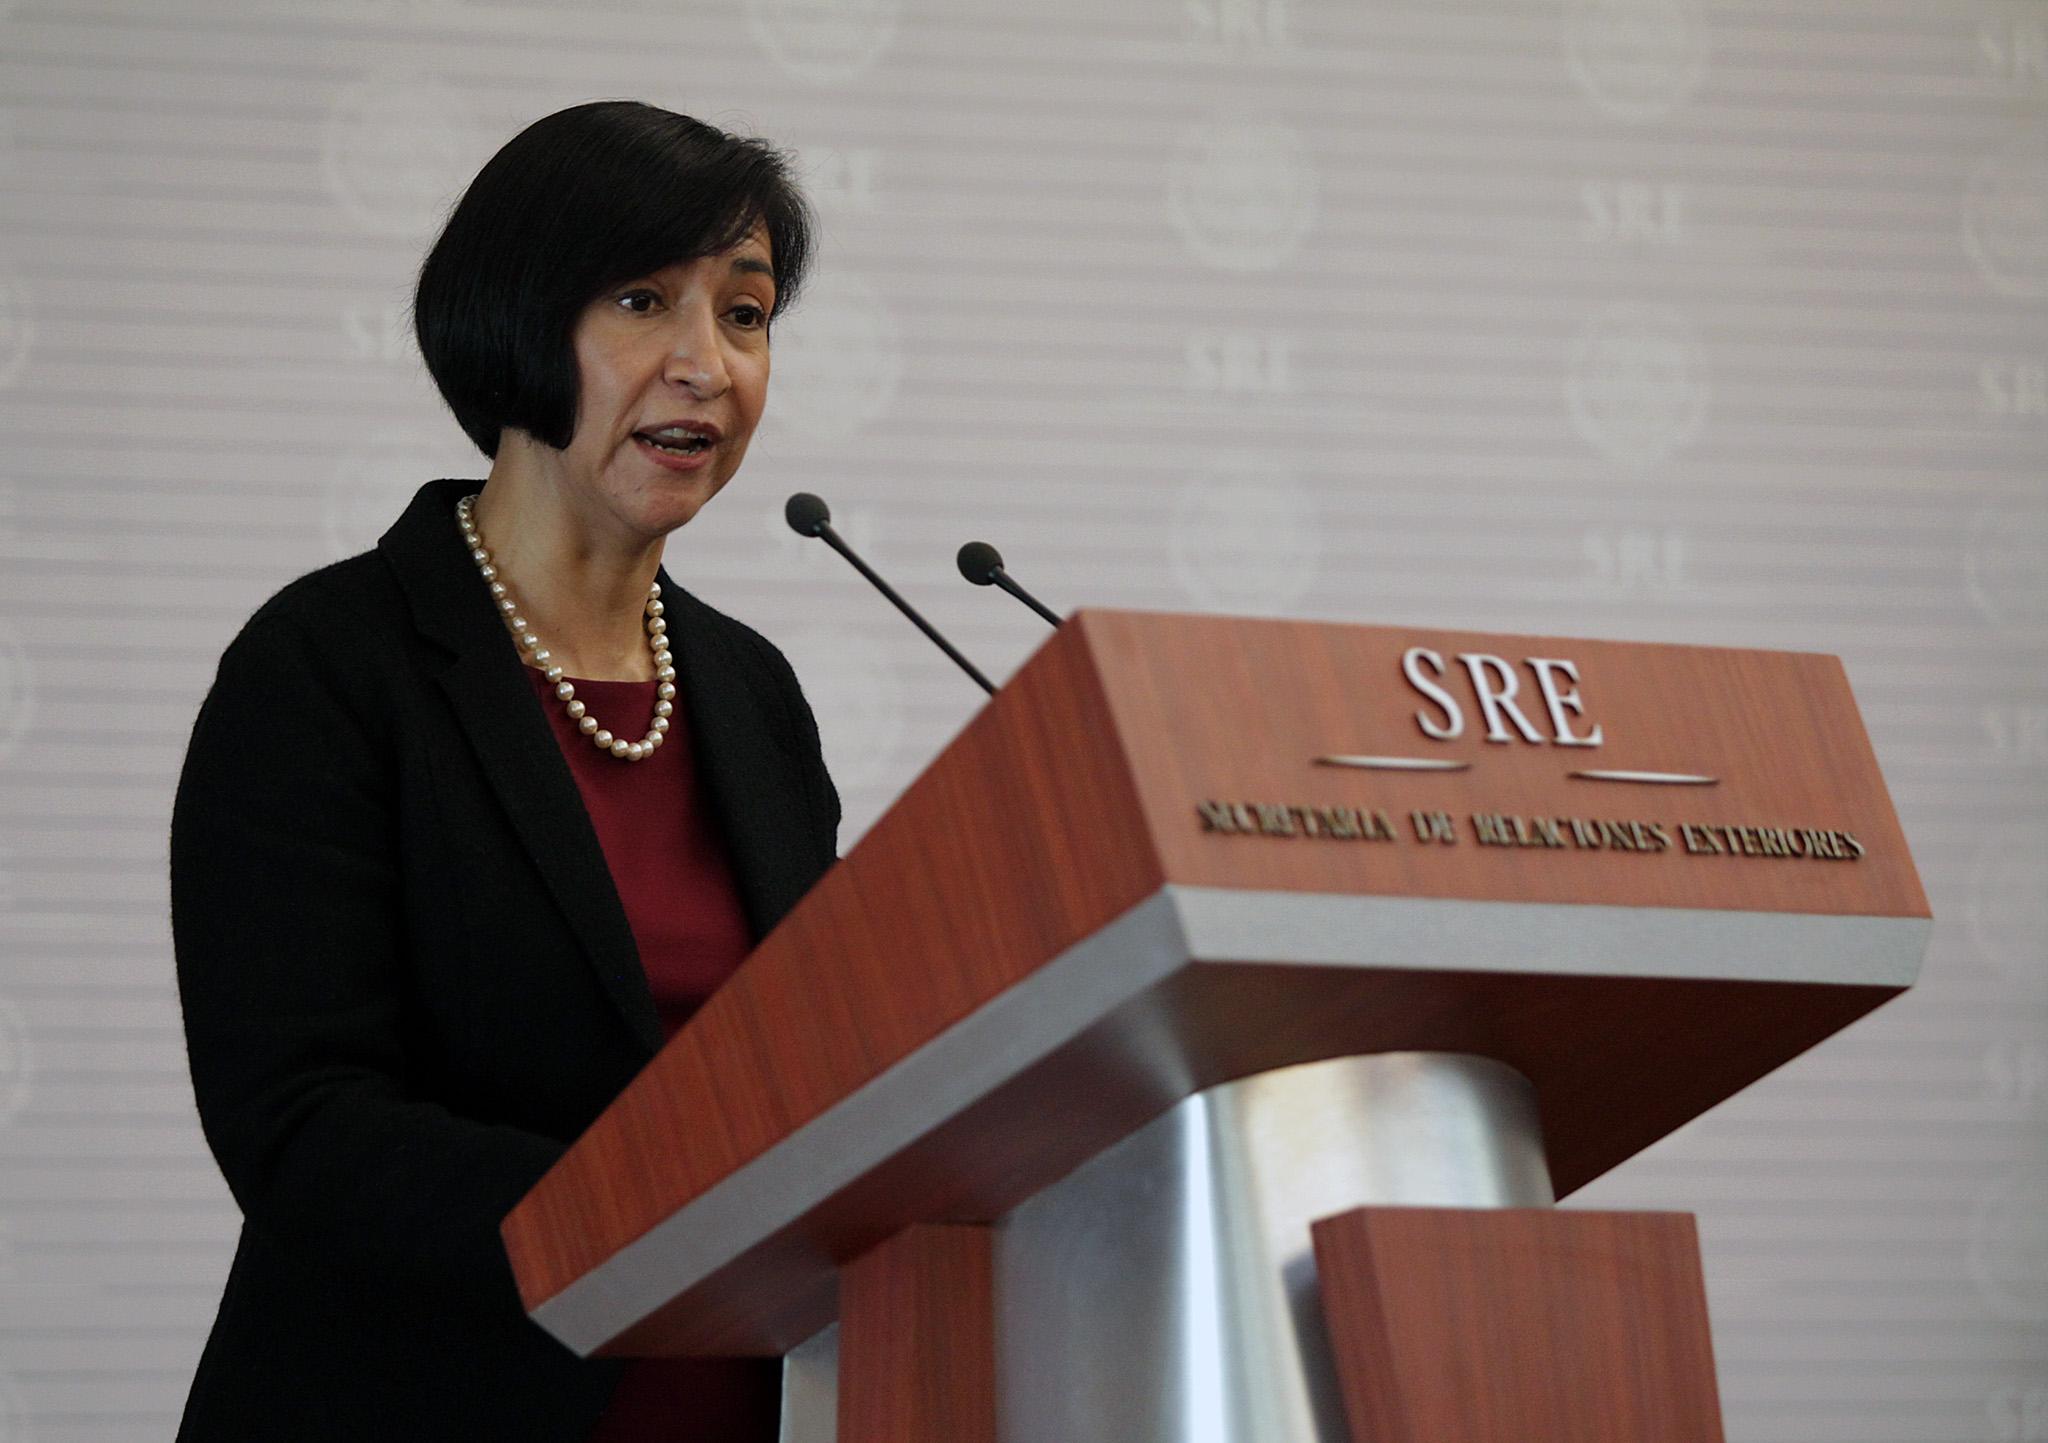 FOTO 2 Embajadora Socorro Flores Liera  Subsecretaria para Am rica Latina y el Caribejpg